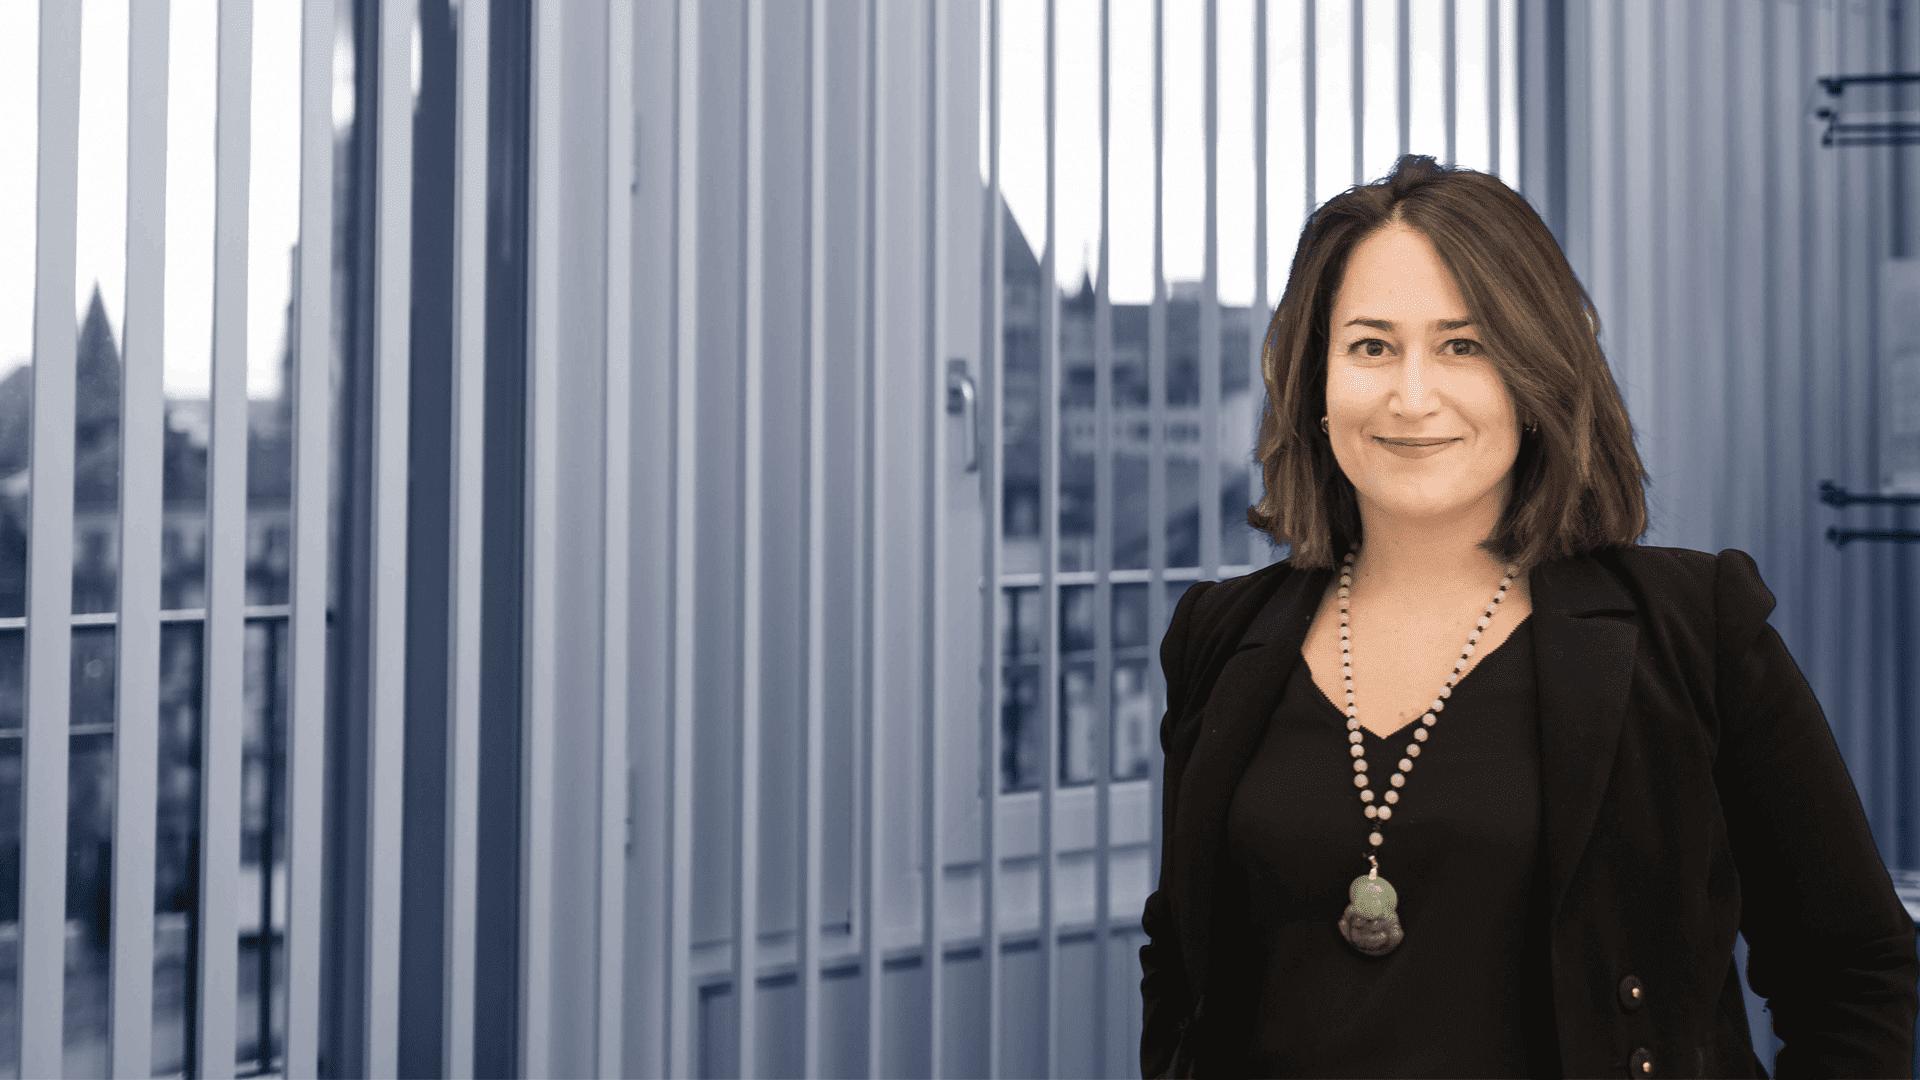 Judith Granat, Retraites Populaires : « L'expérience client : un sujet large, transverse et multicanal » cover image